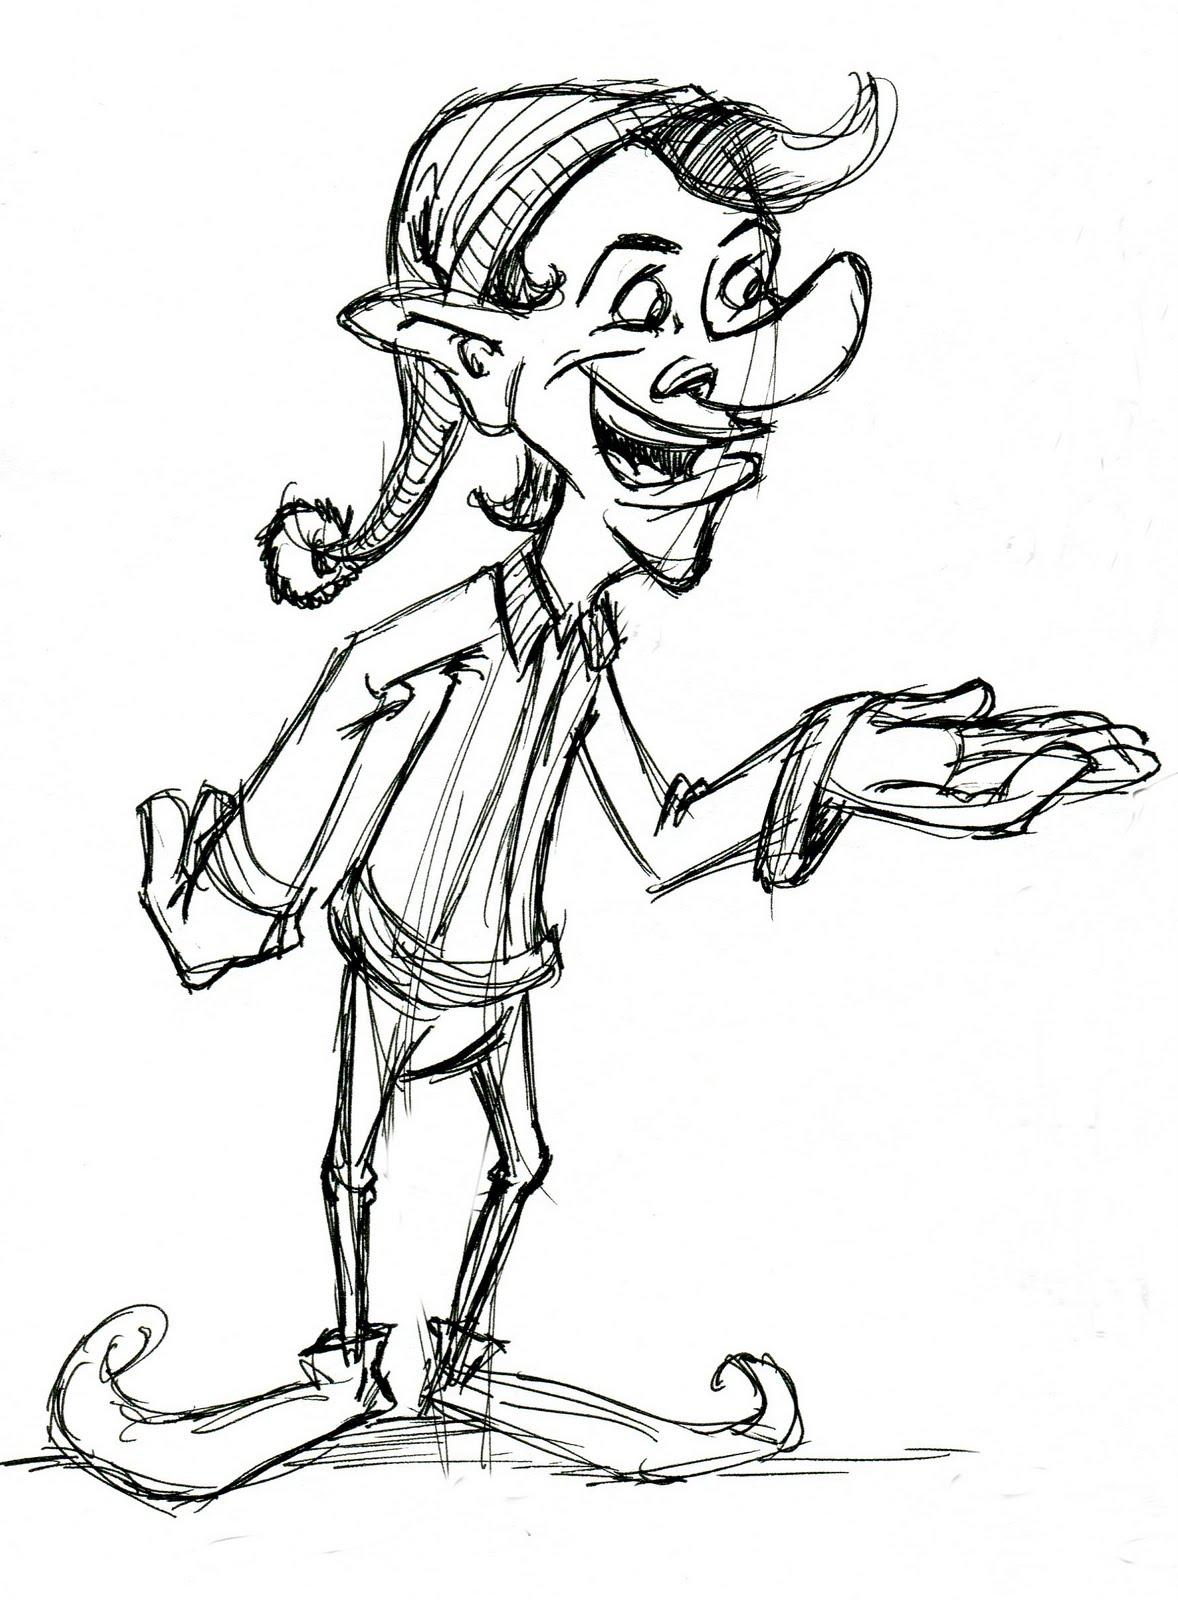 Joe Apel: Elf Drawing